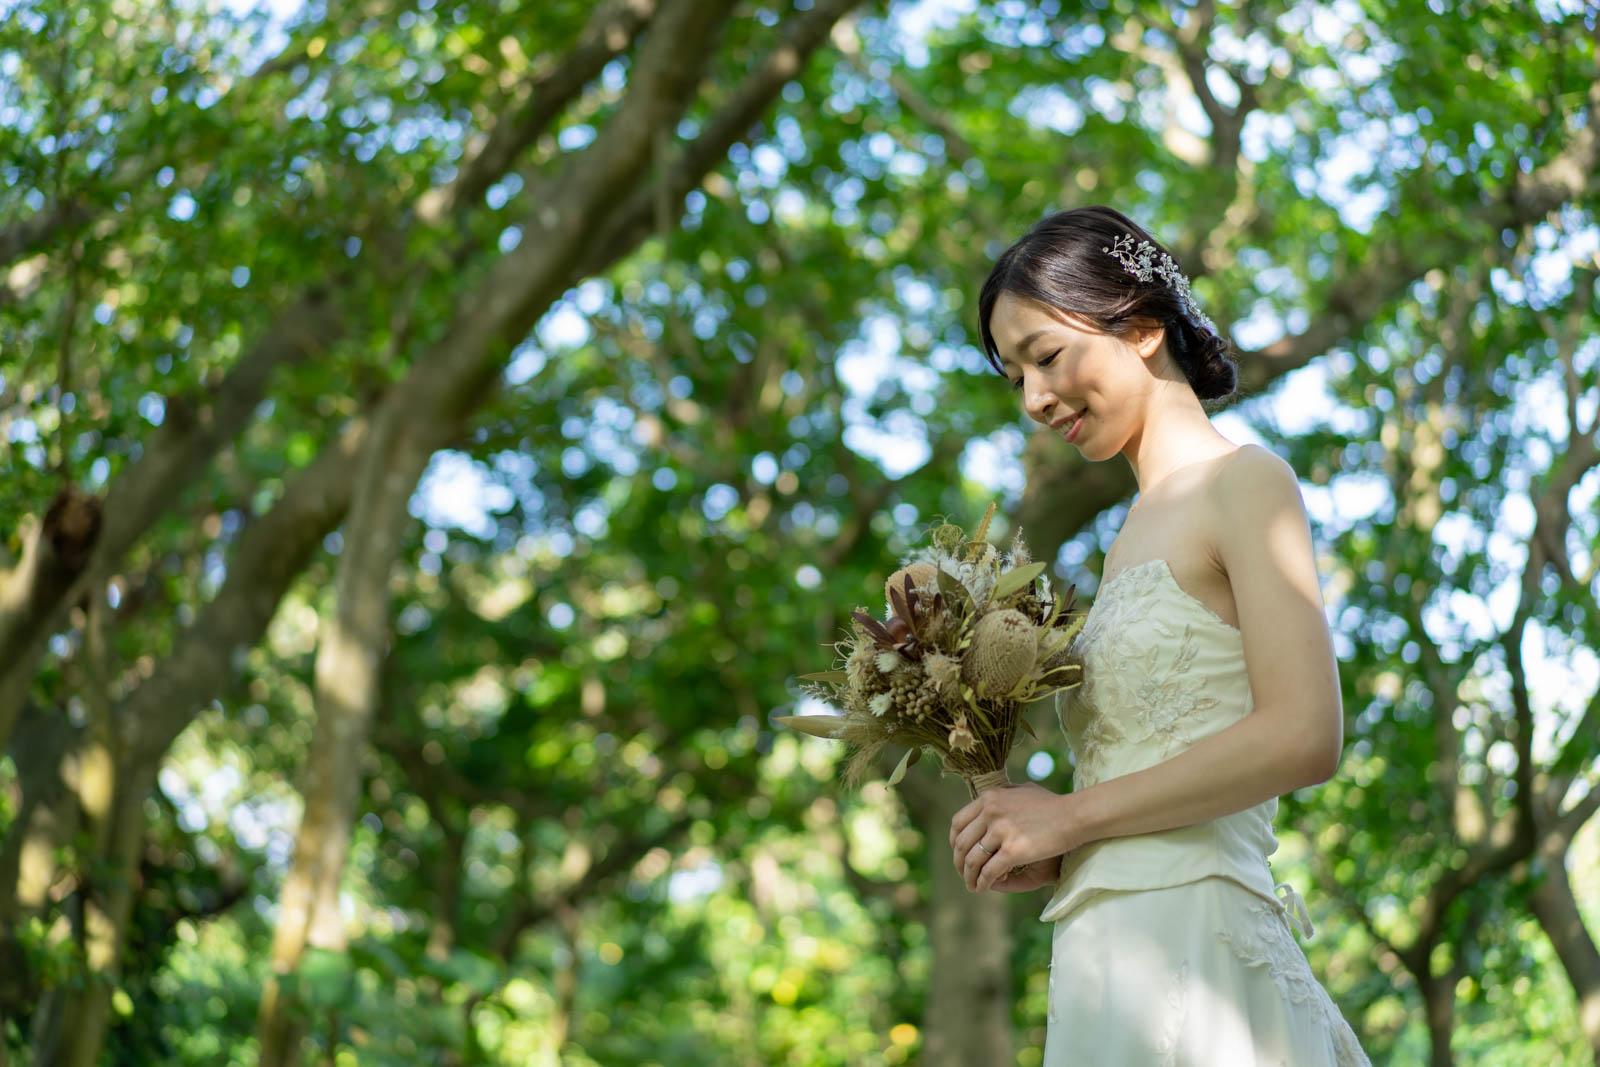 花嫁様のヘアスタイルはシニヨン